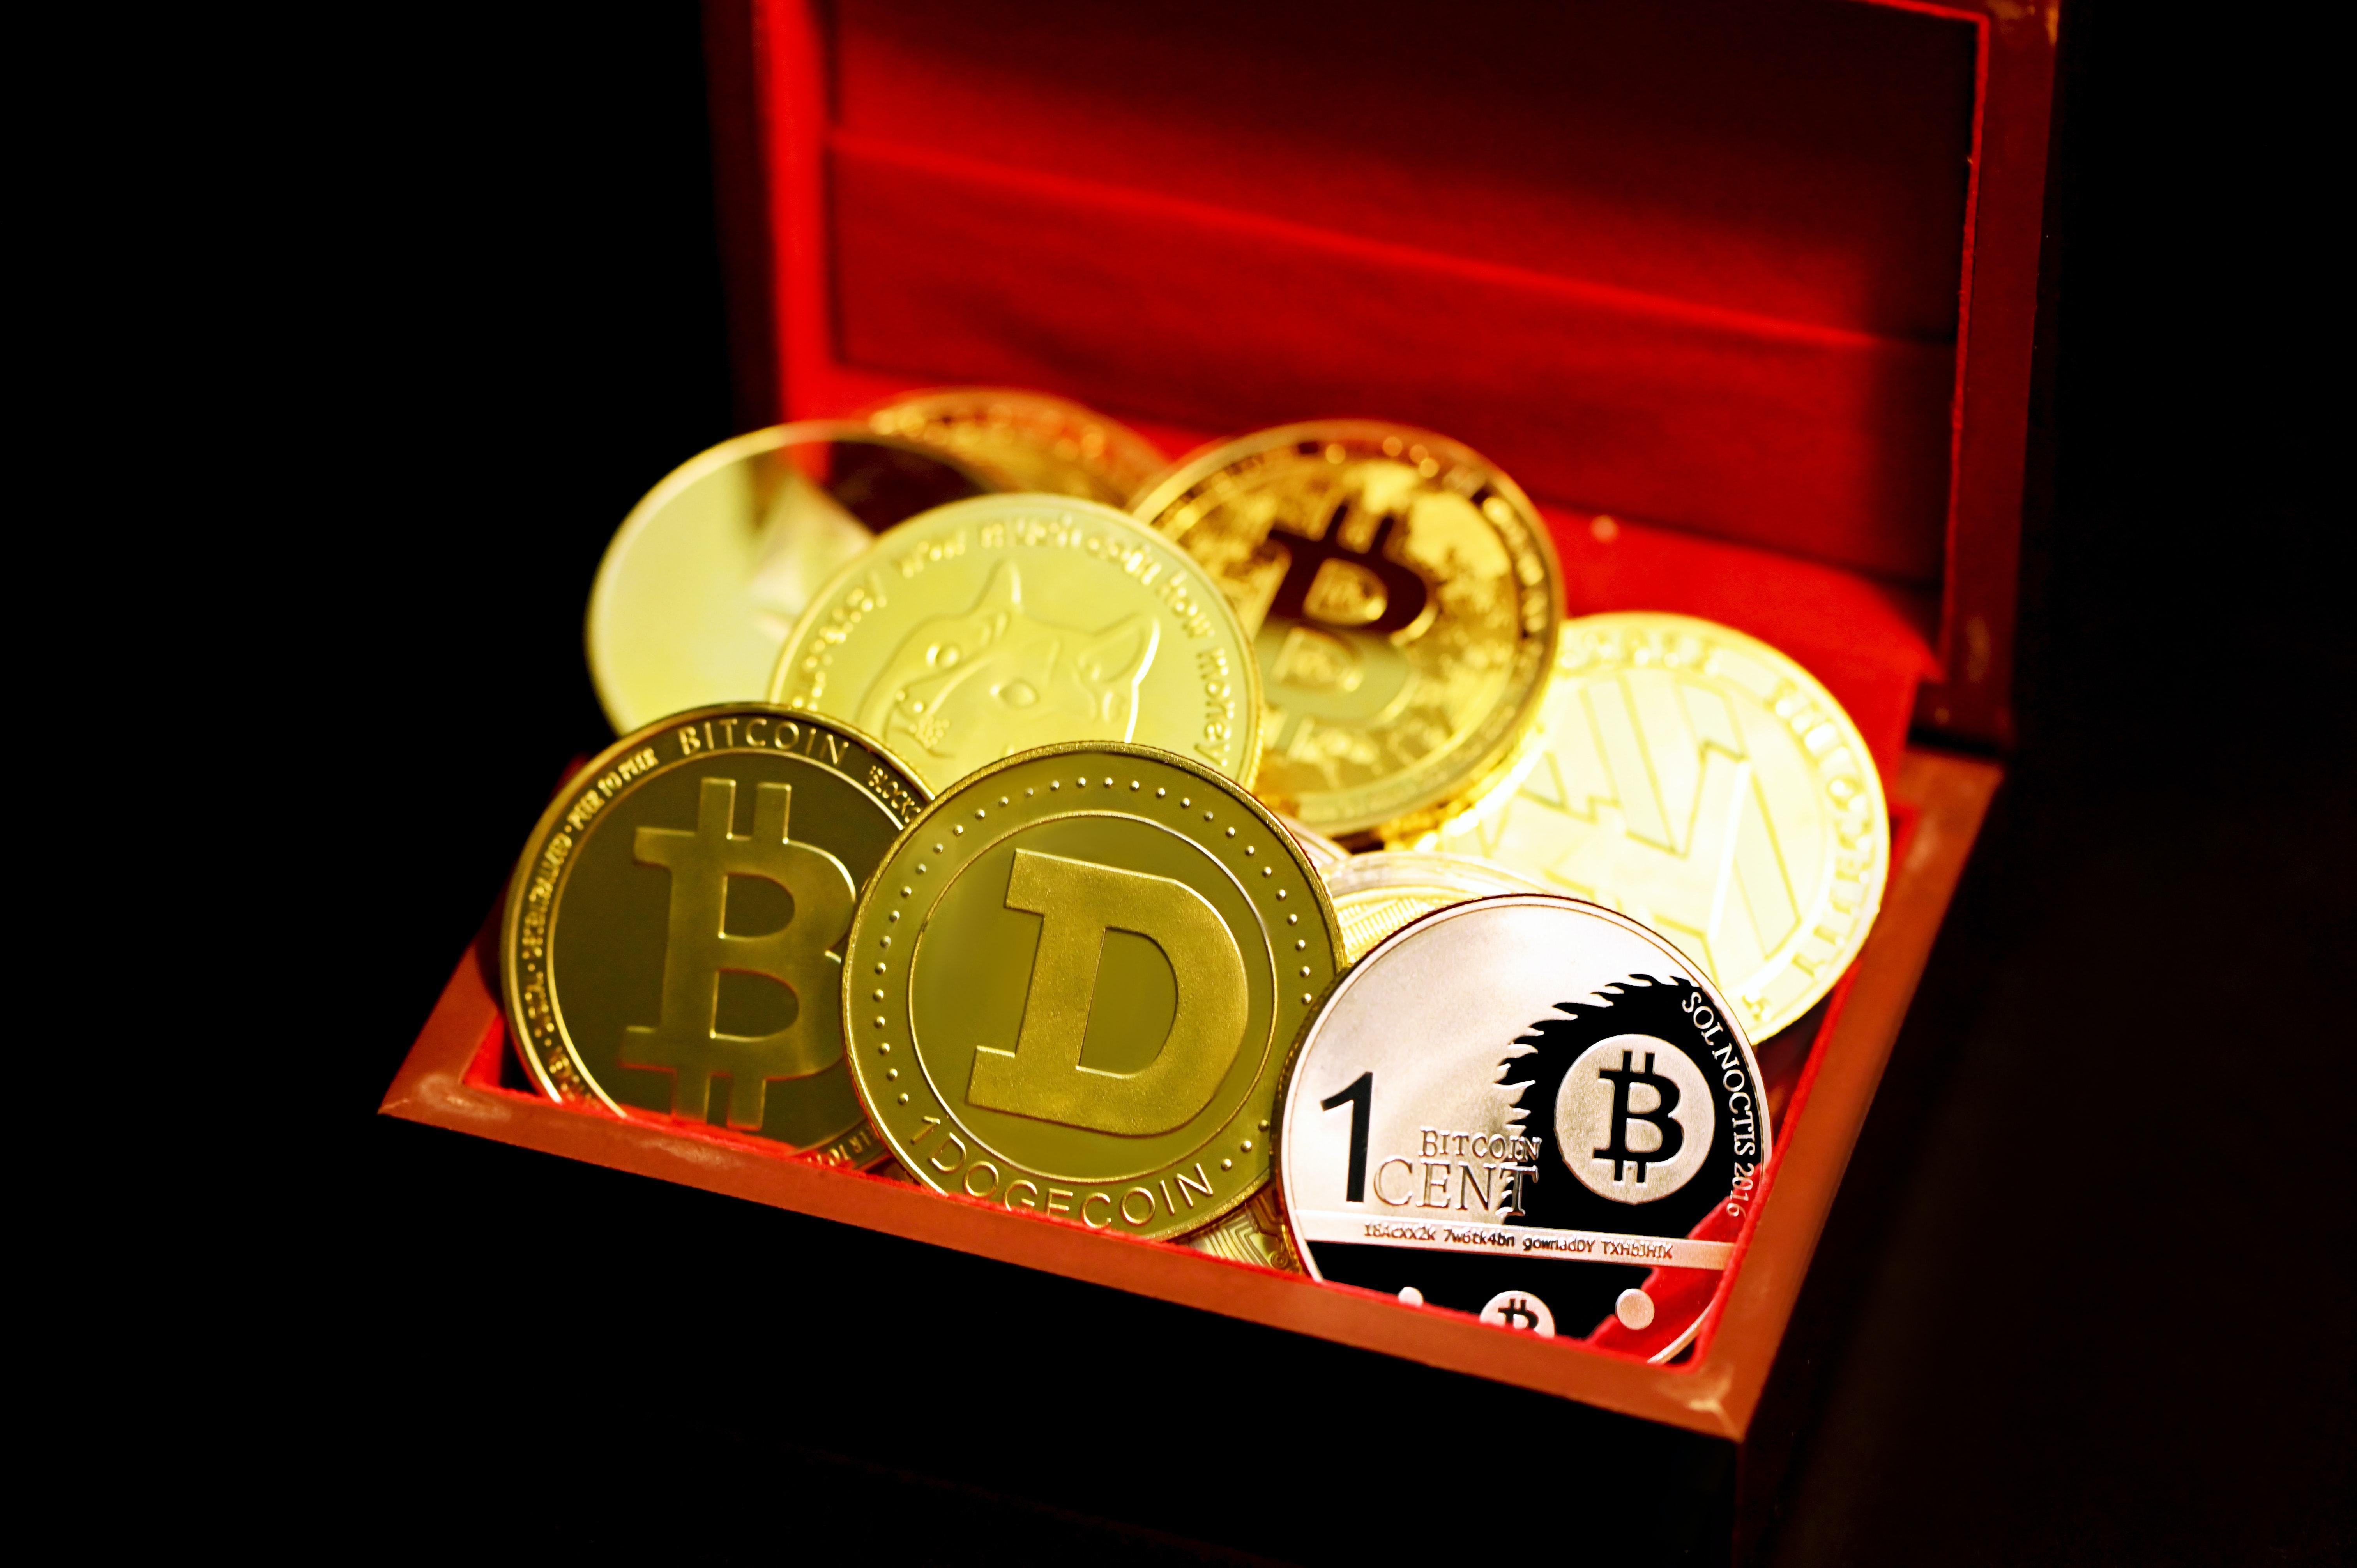 Különböző kriptovaluták egy barna-piros dobozban